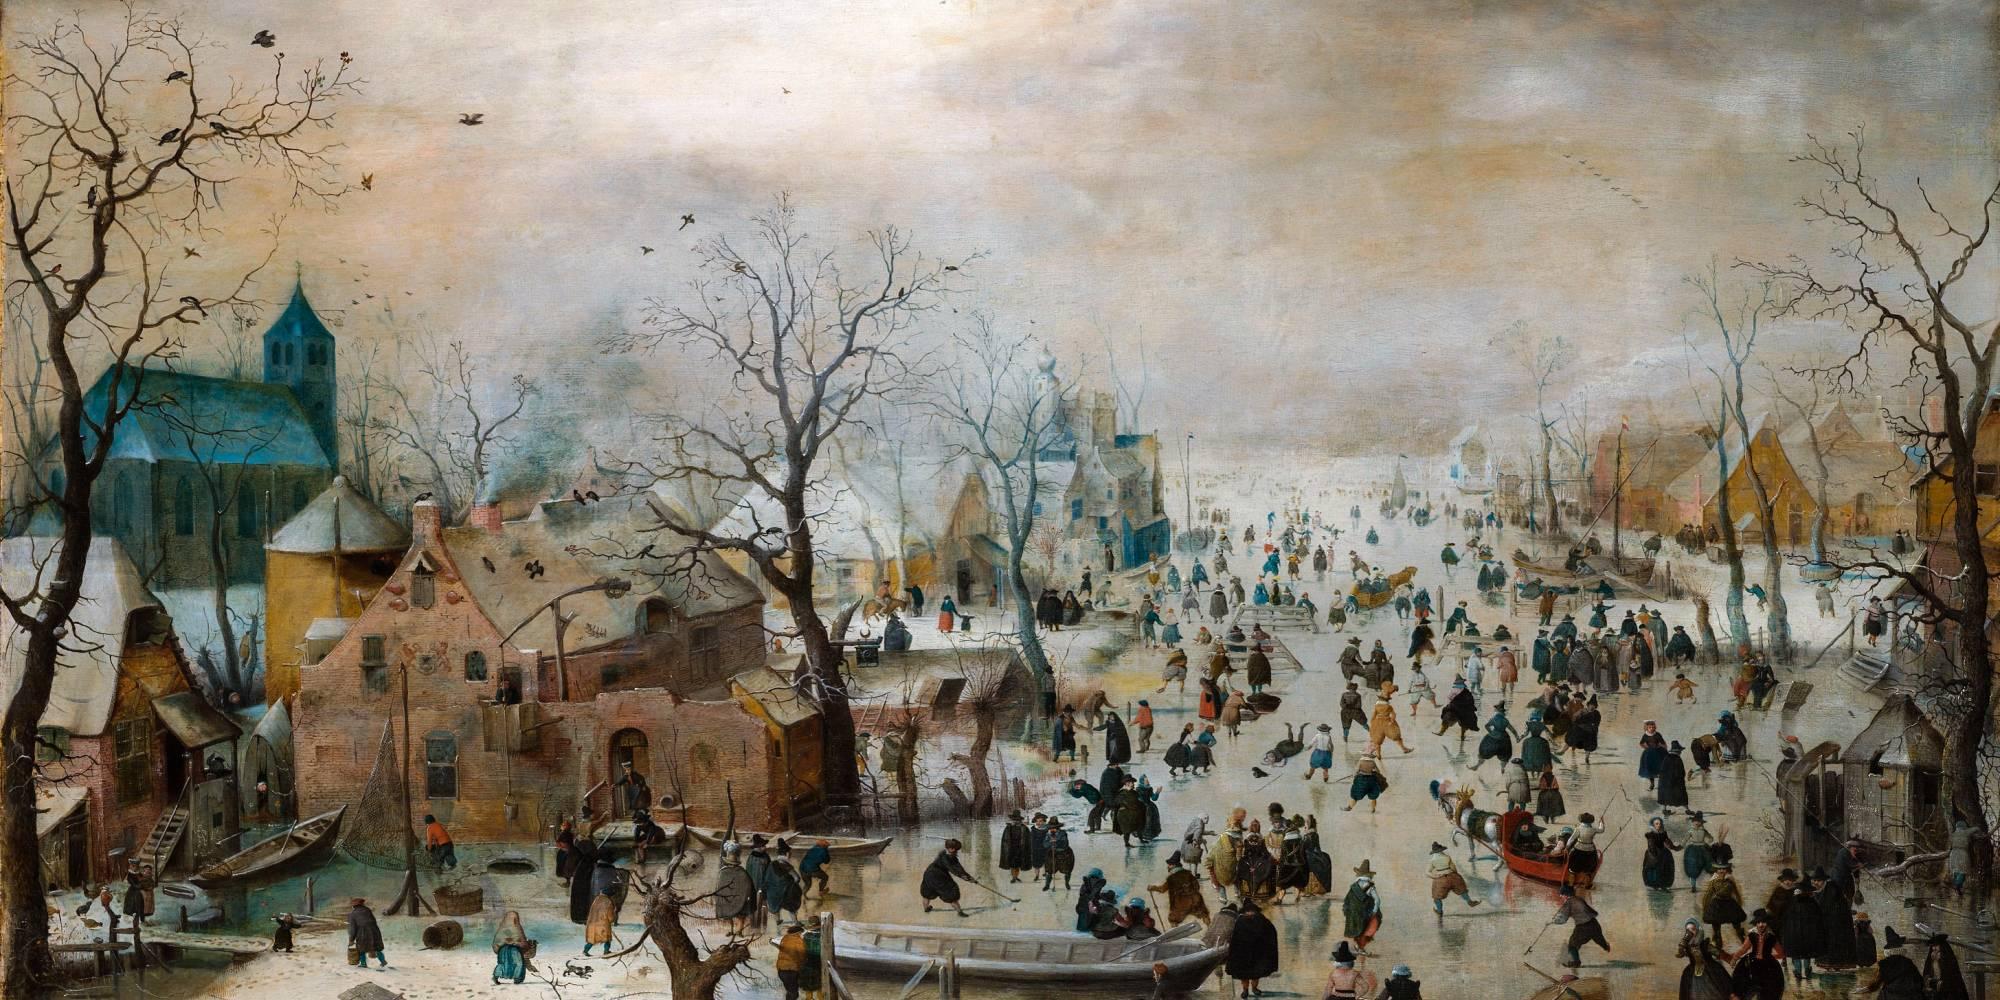 Esta pintura de 1608 del artista holandés, Hendrick Avercamp, muestra a los aldeanos en un canal congelado. Los inviernos fríos eran comunes en Europa entre los siglos XIV y XIX. En la actualidad, los canales de Holanda casi nunca se congelan.